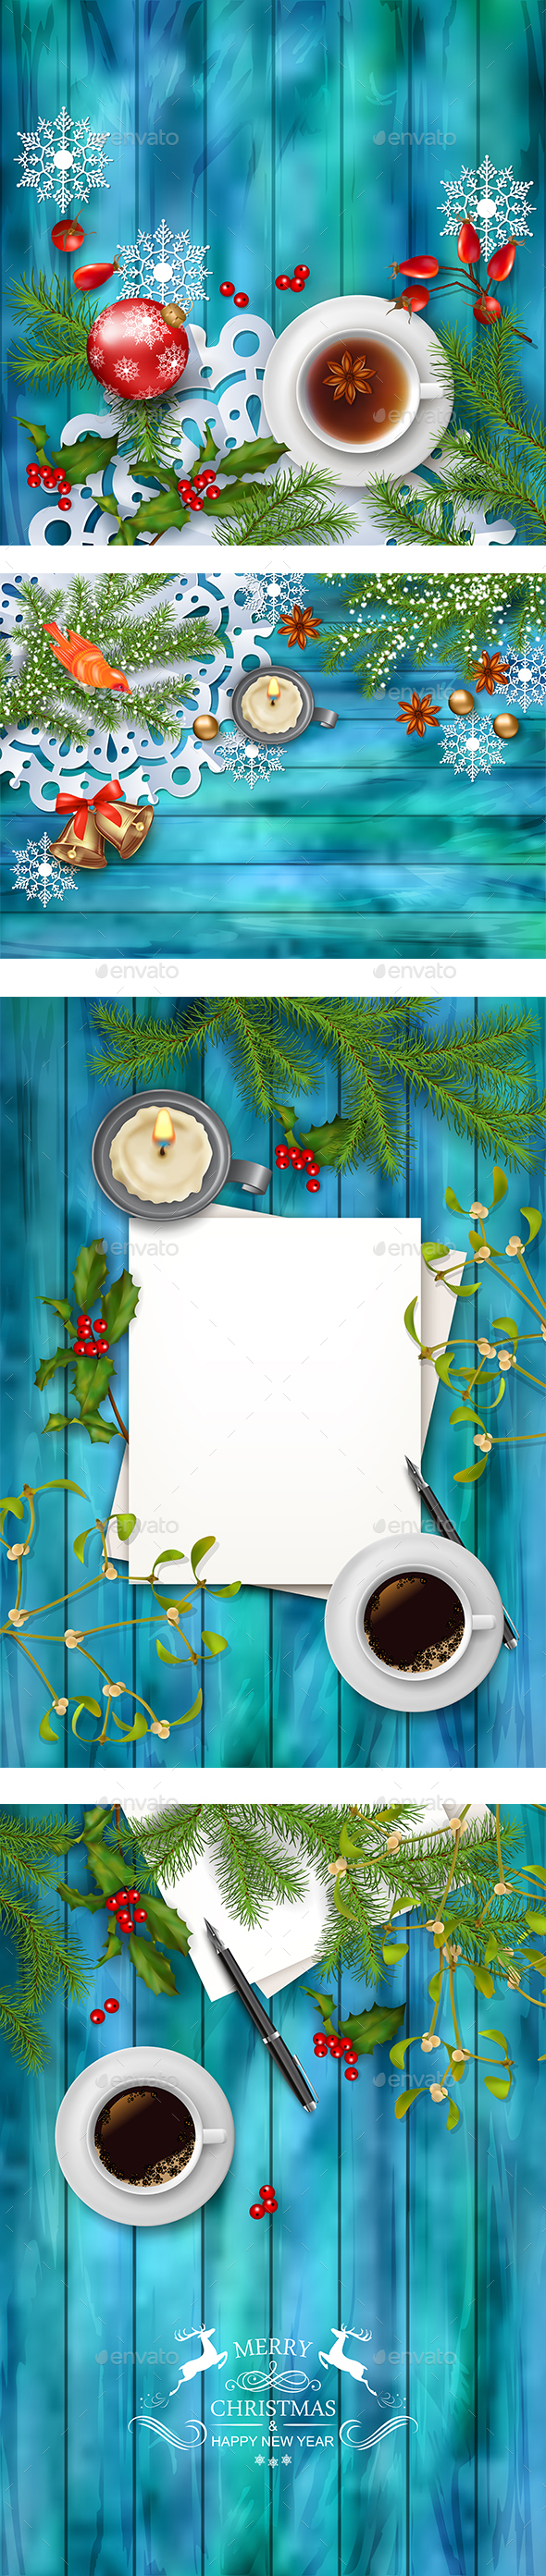 Christmas Background Set - Christmas Seasons/Holidays